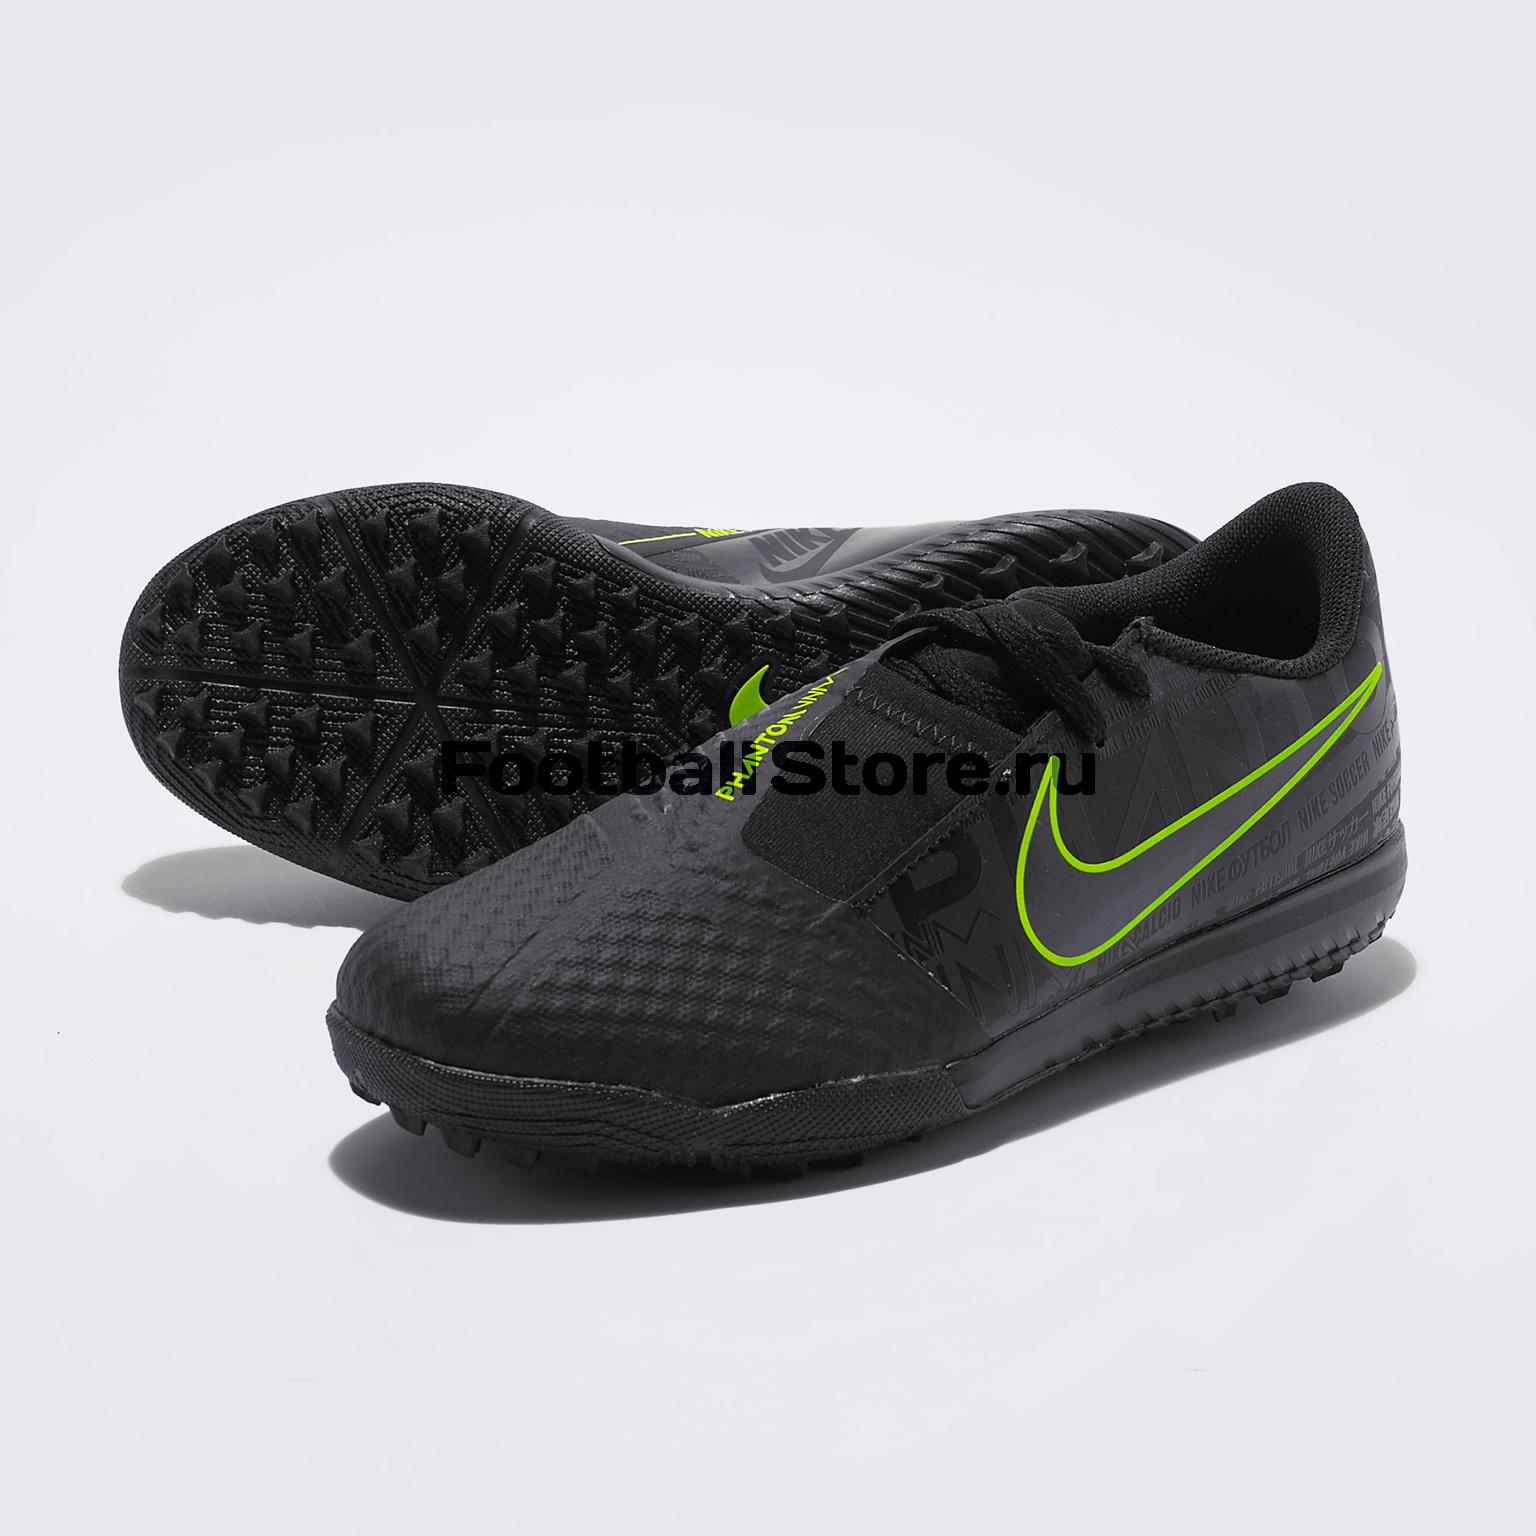 Шиповки детские Nike Phantom Venom Academy TF AO0377-007 цена в Москве и Питере